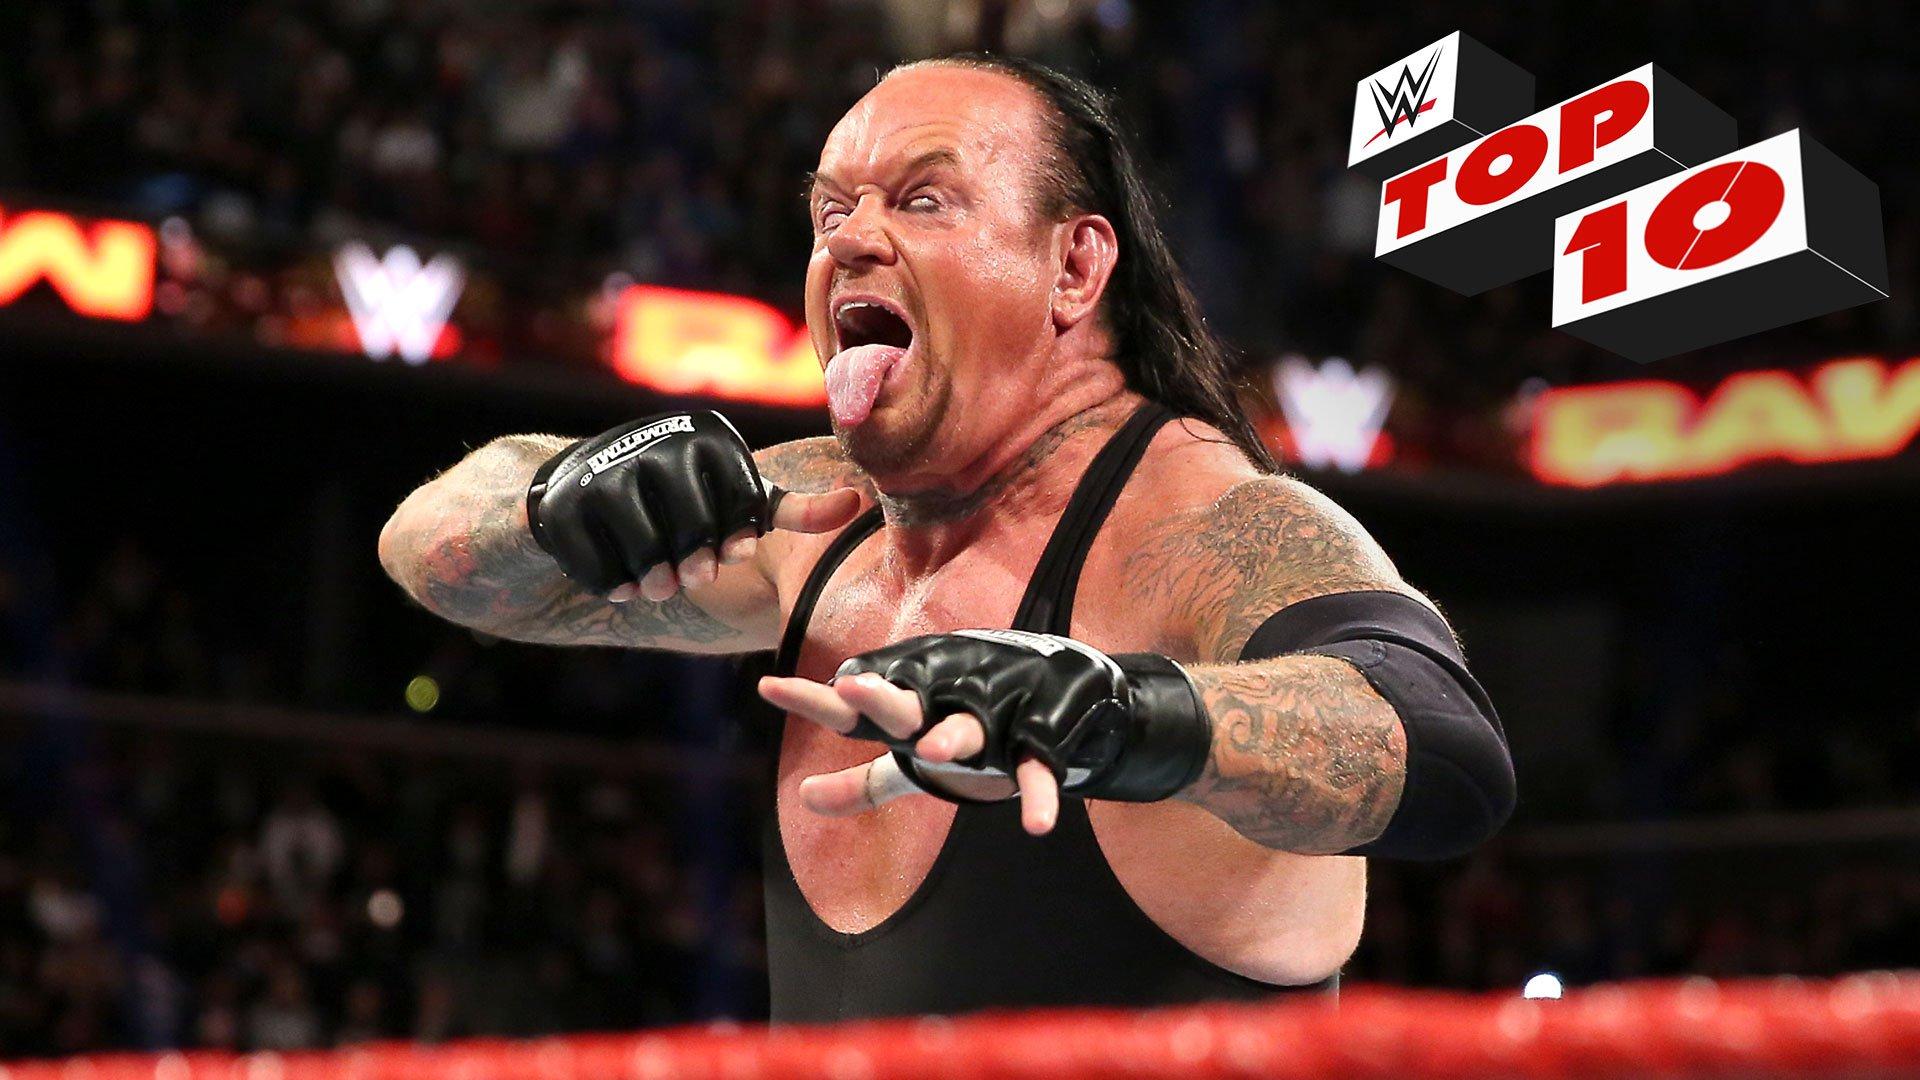 Top 10 des moments de Raw: WWE Top 10, 20 mars 2017